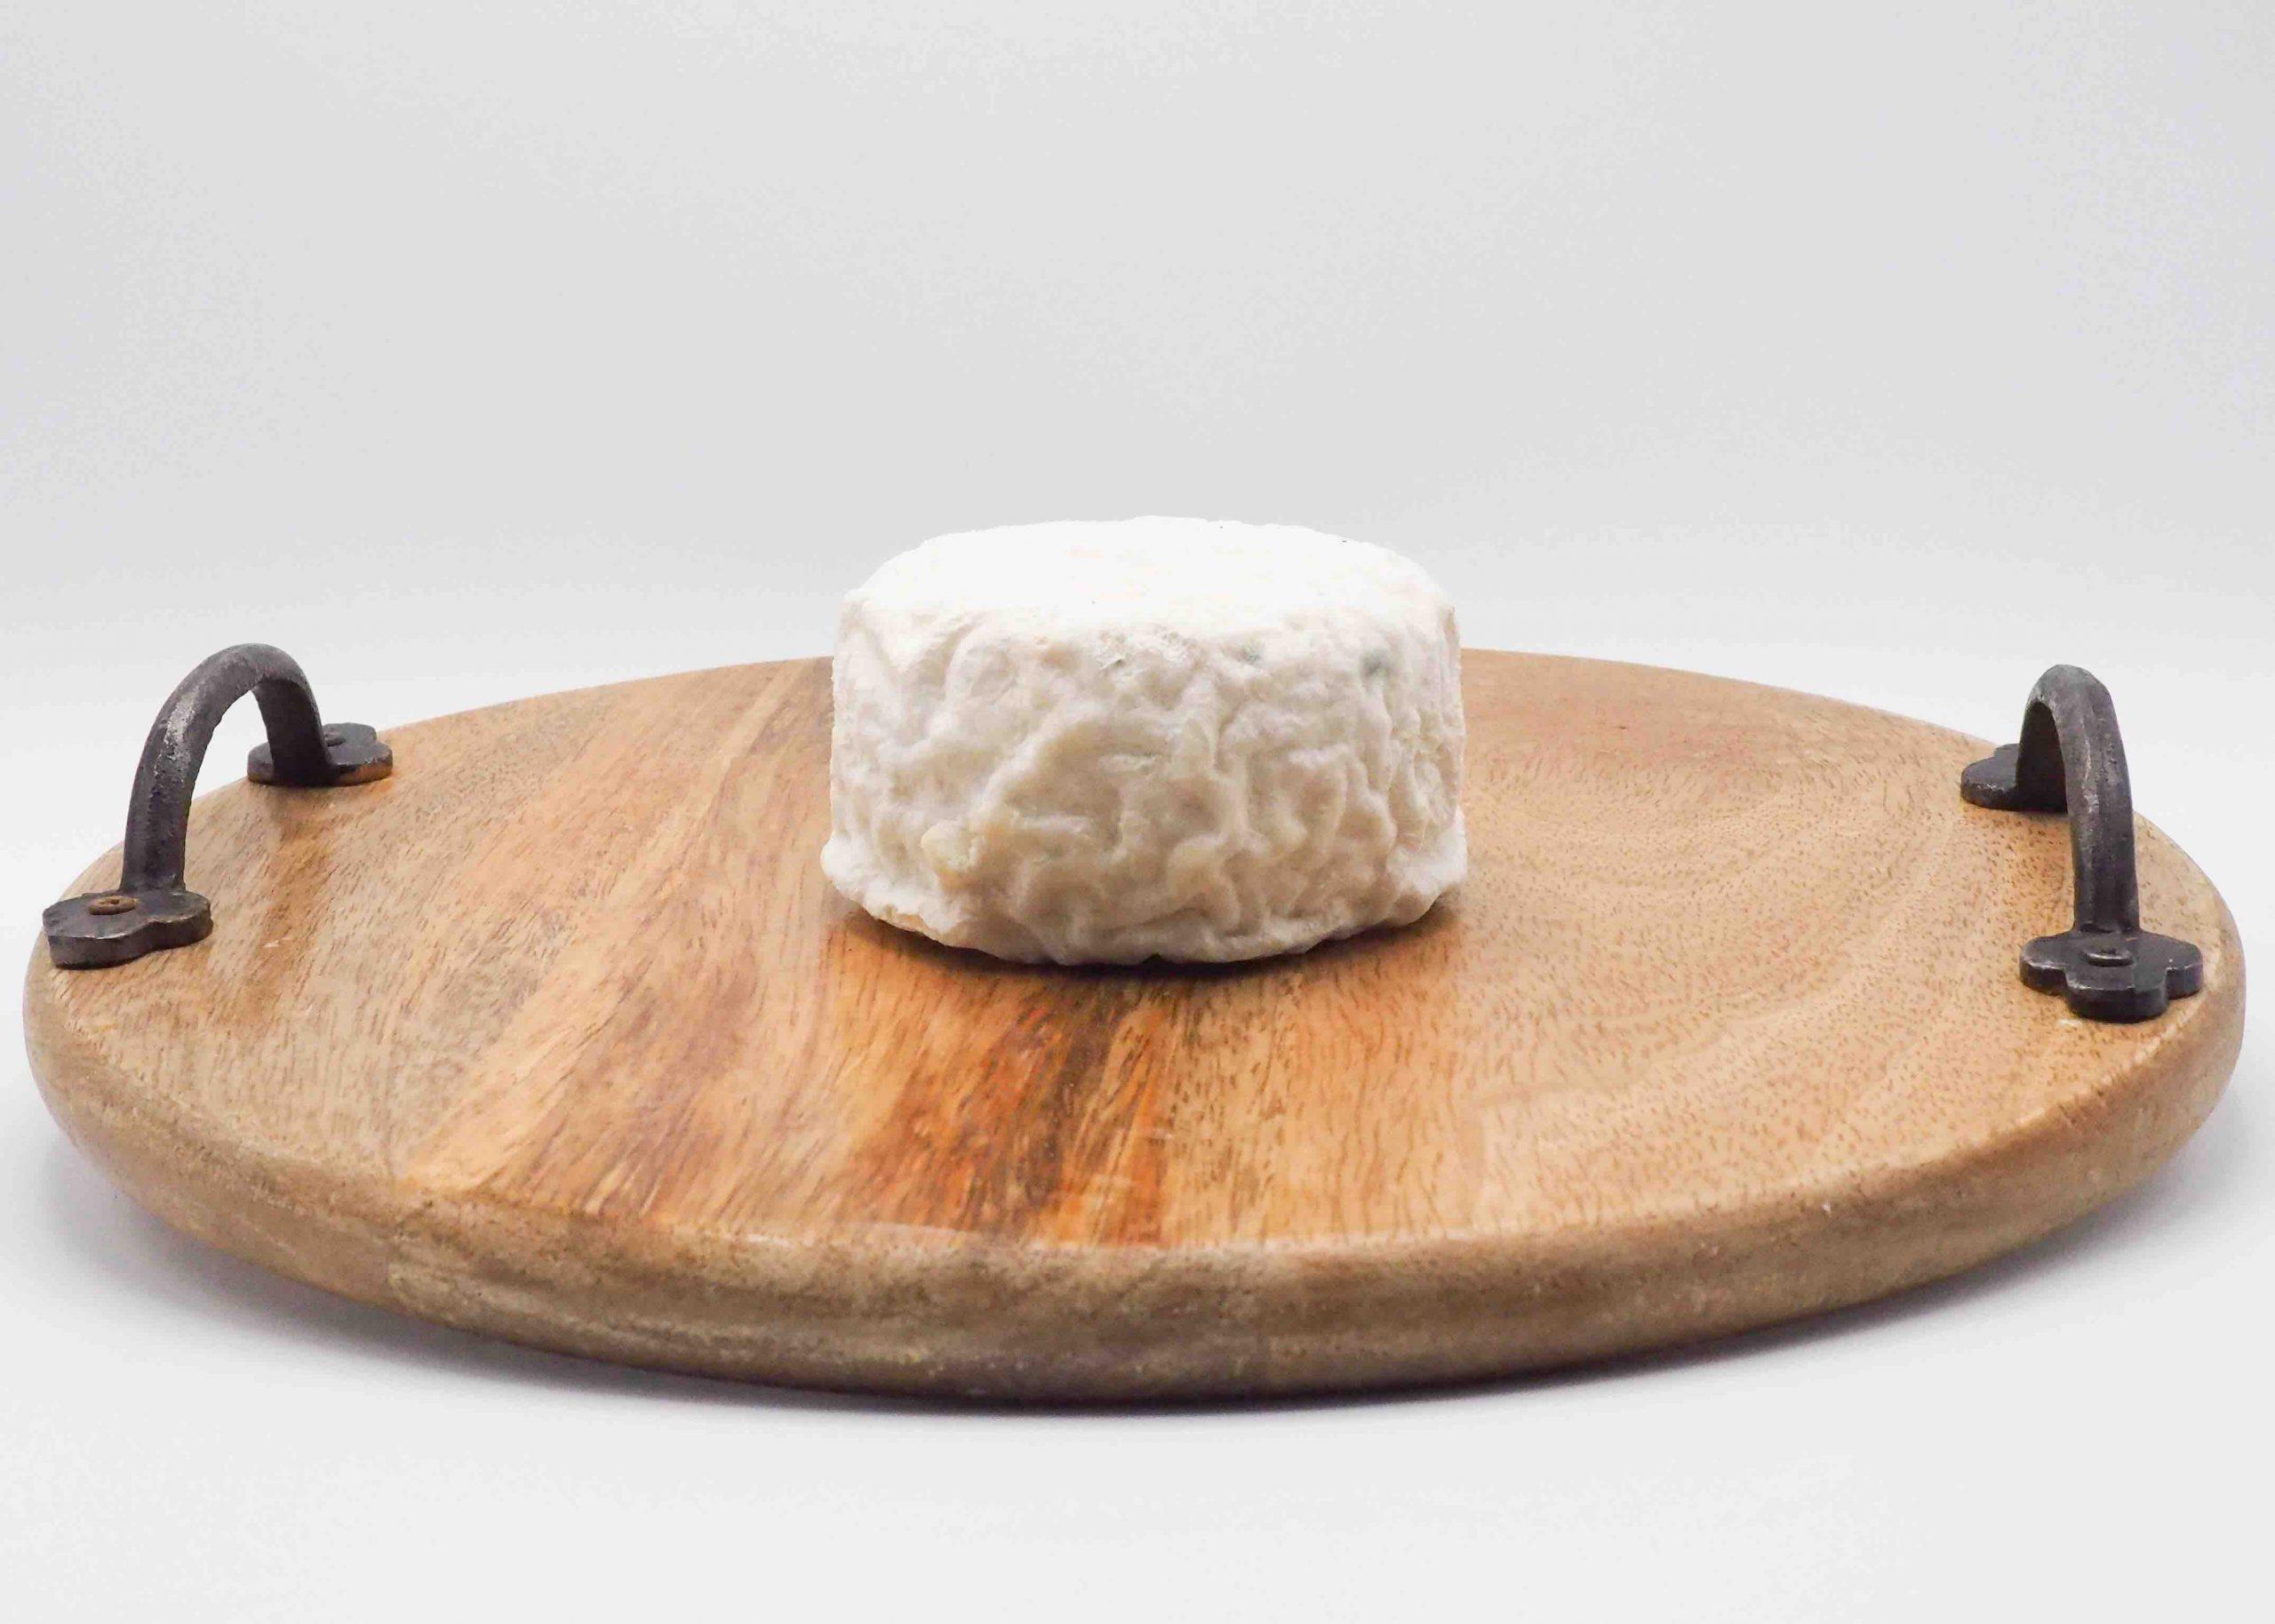 Fromage par Dominique Bouchait Meilleur Ouvrier de France. Vente en ligne et livraison à domicile. E-shop